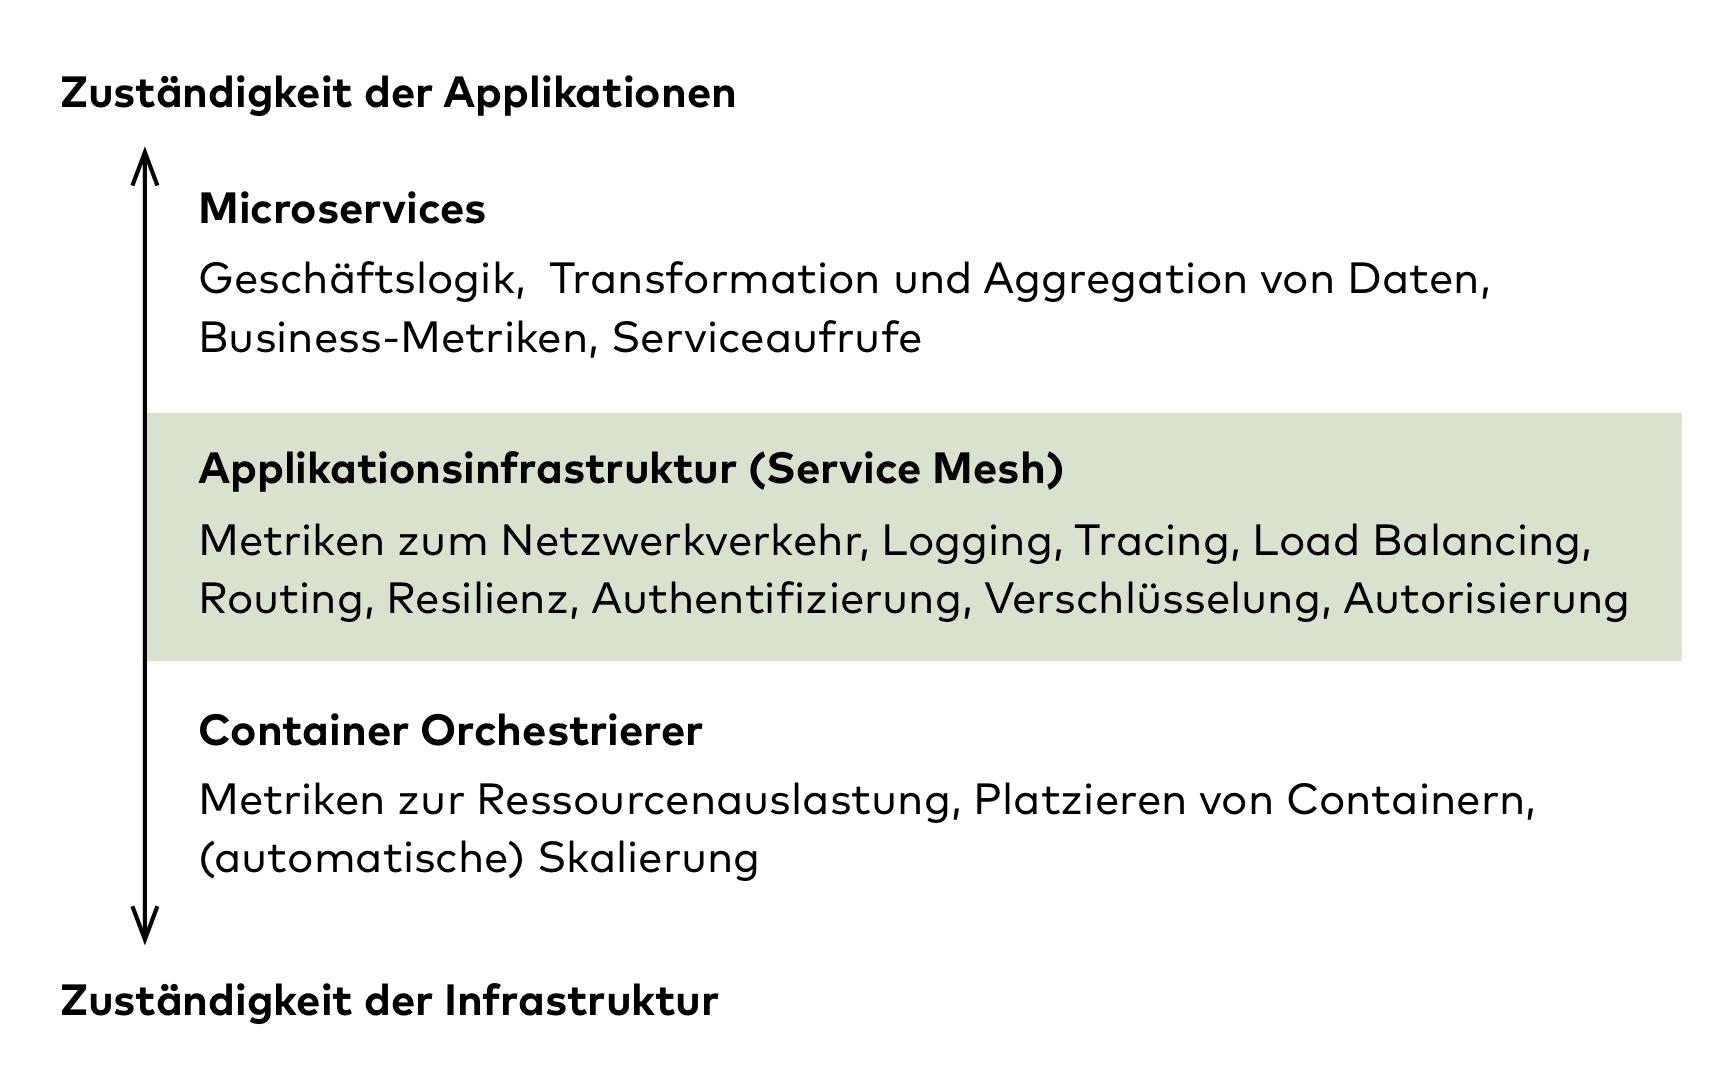 Die Zuständigkeit eines Service-Meshes liegt zwischen Infrastruktur und Applikation (Abb. 1)